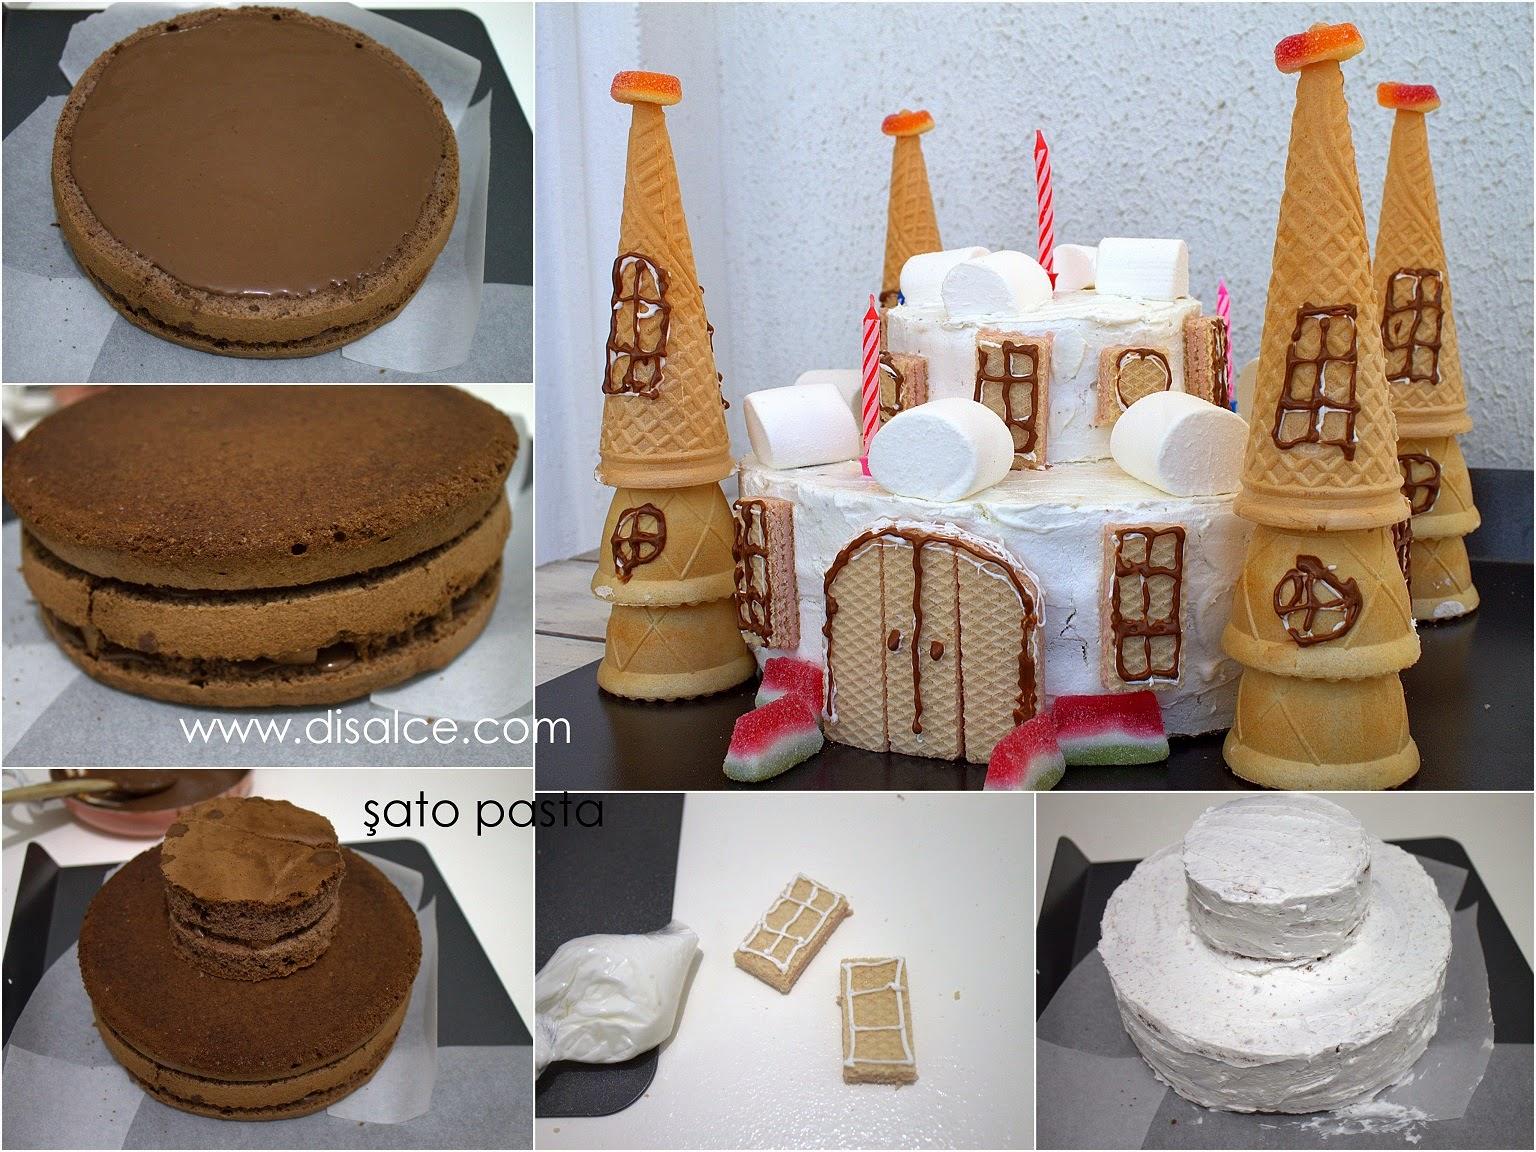 şato pasta nasıl yapılır